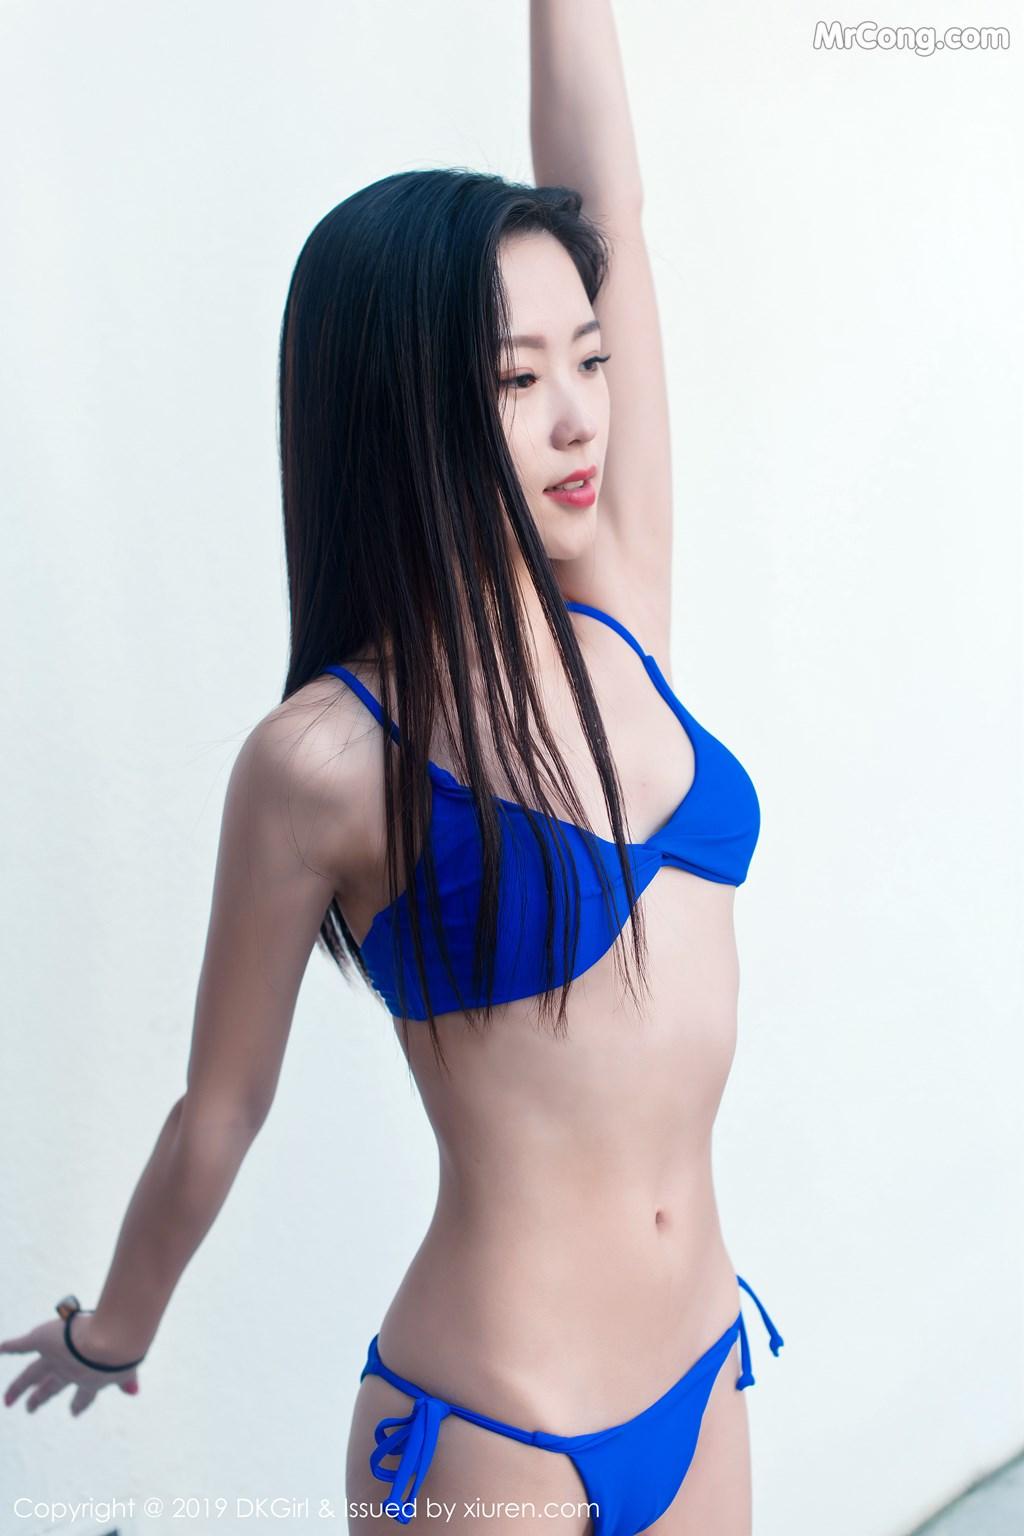 Image DKGirl-Vol.117-Alice-MrCong.com-002 in post DKGirl Vol.117: 小子怡Alice (41 ảnh)